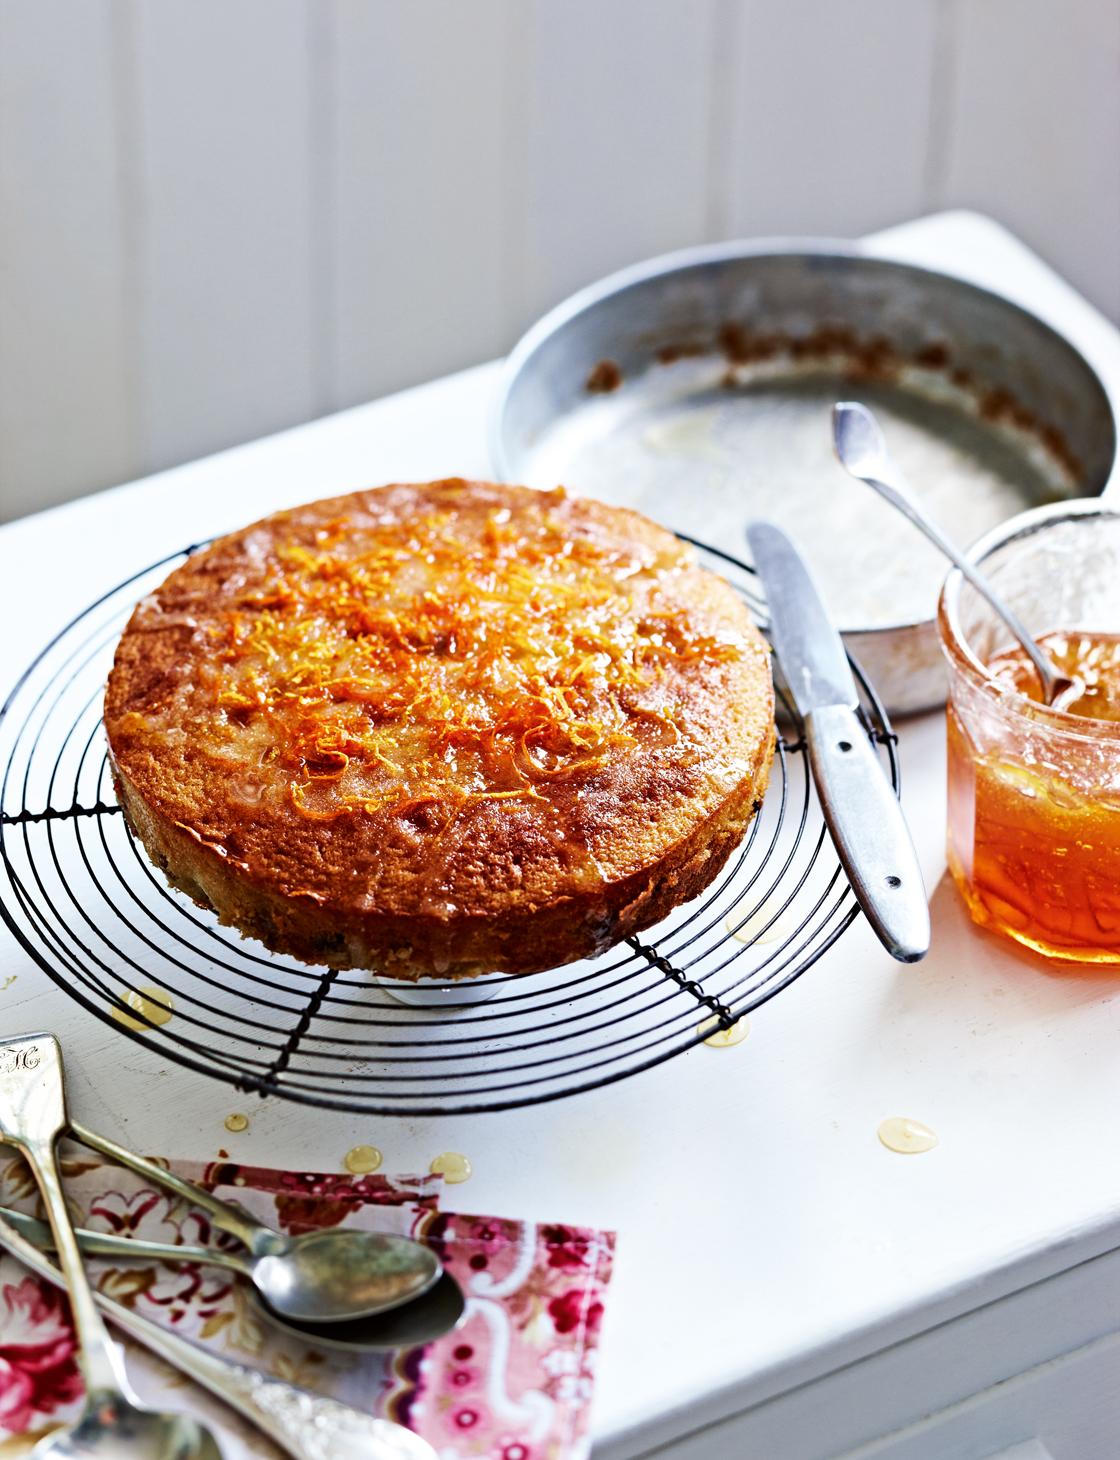 Quick marmalade cake